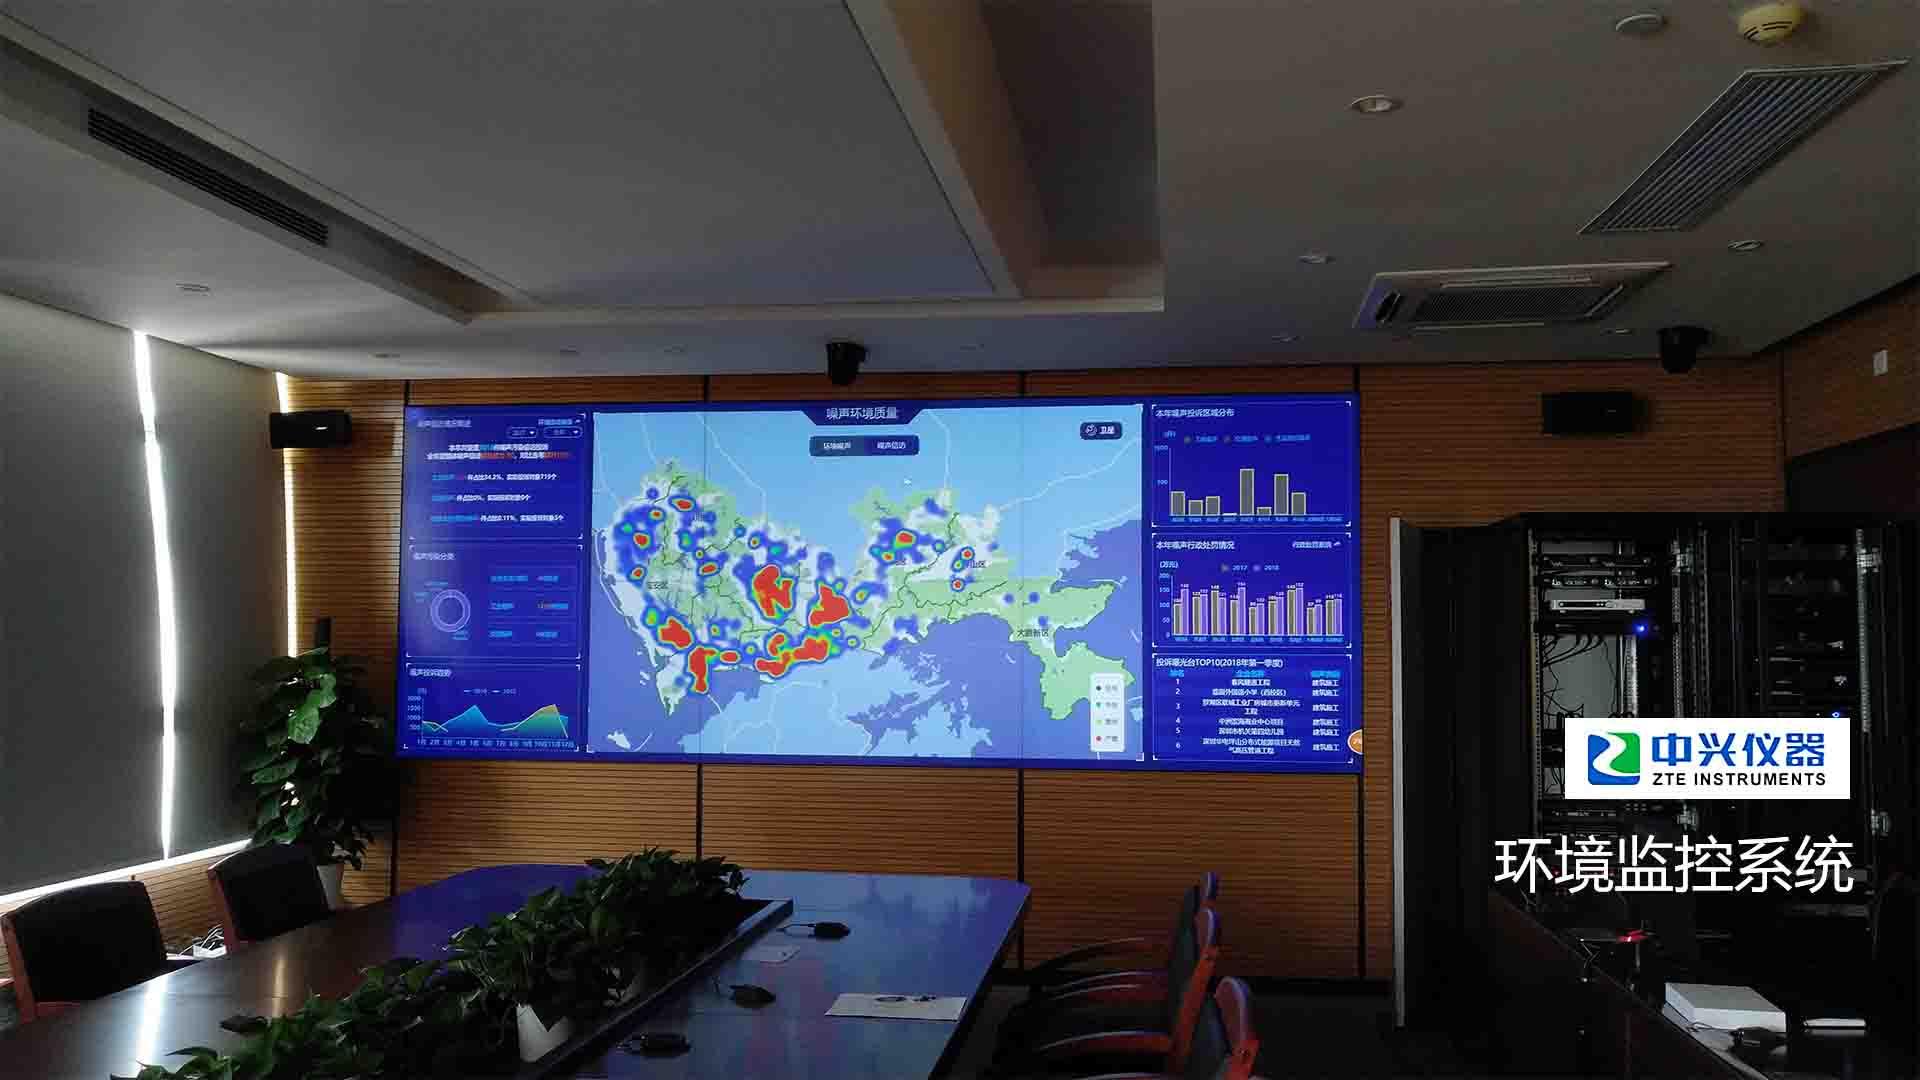 中兴仪器-环境监控系统